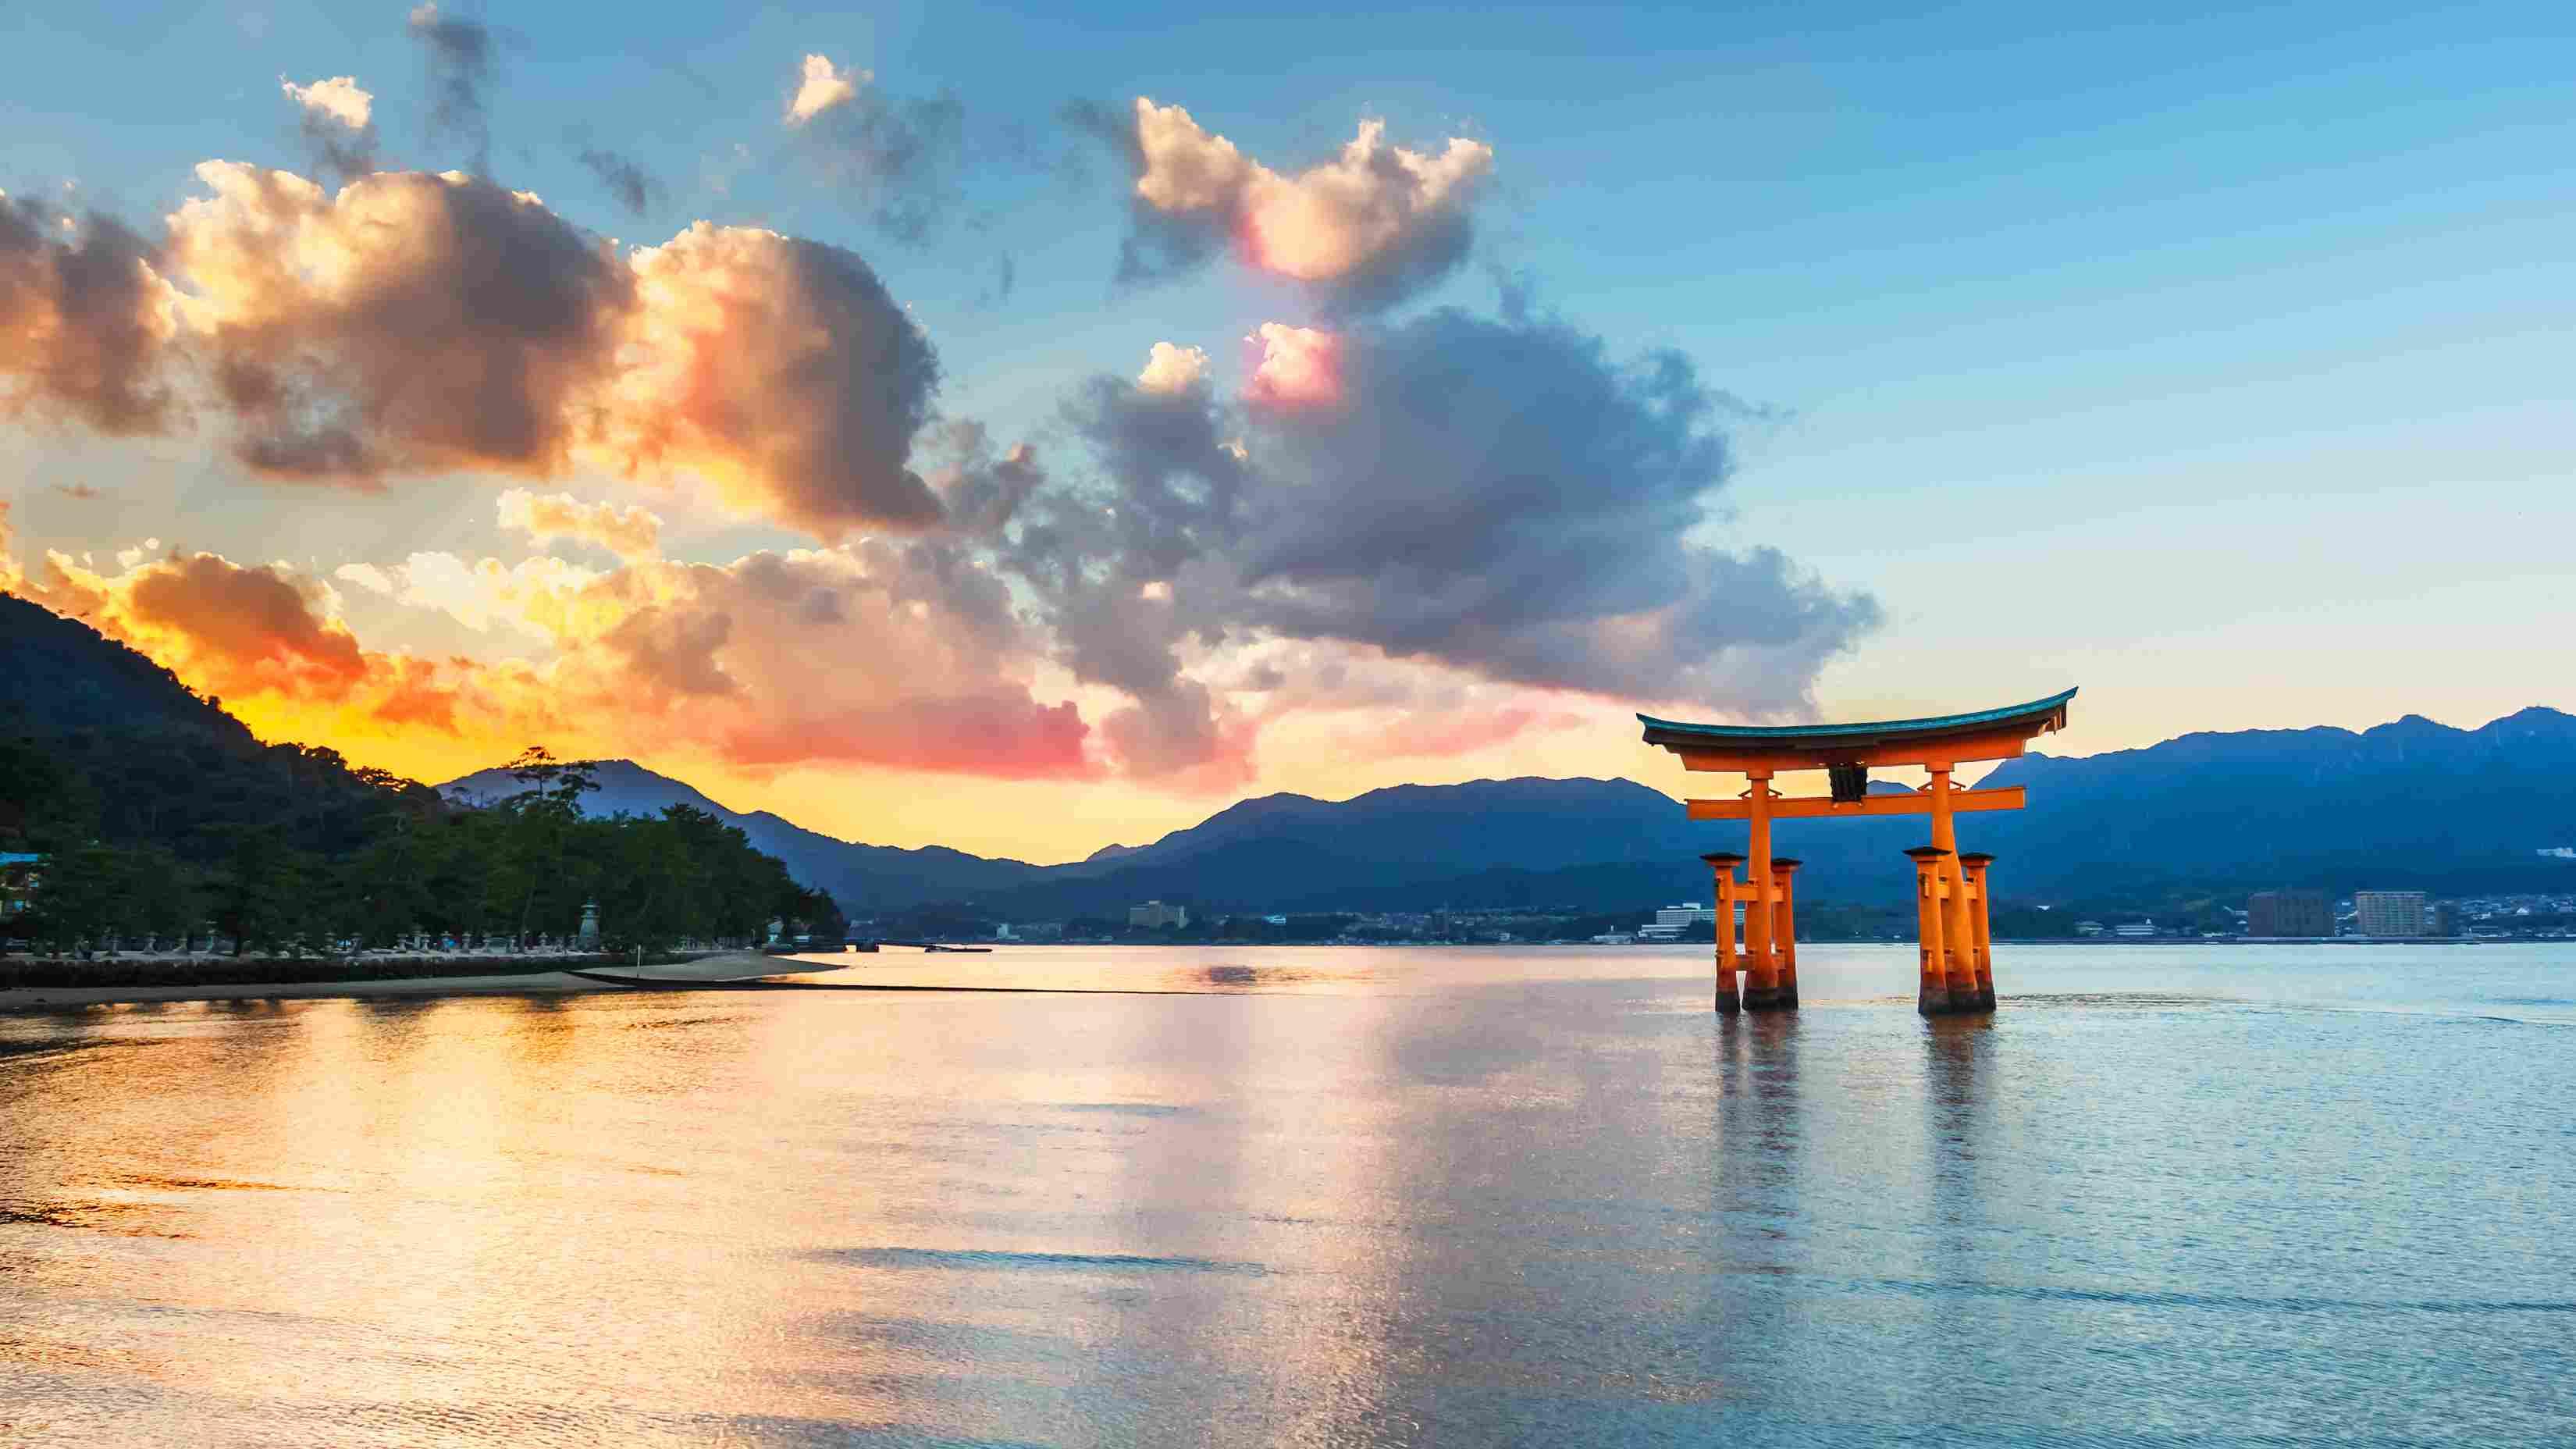 Great floating gate (O-Torii) on Miyajima island near Itsukushima shinto shrine